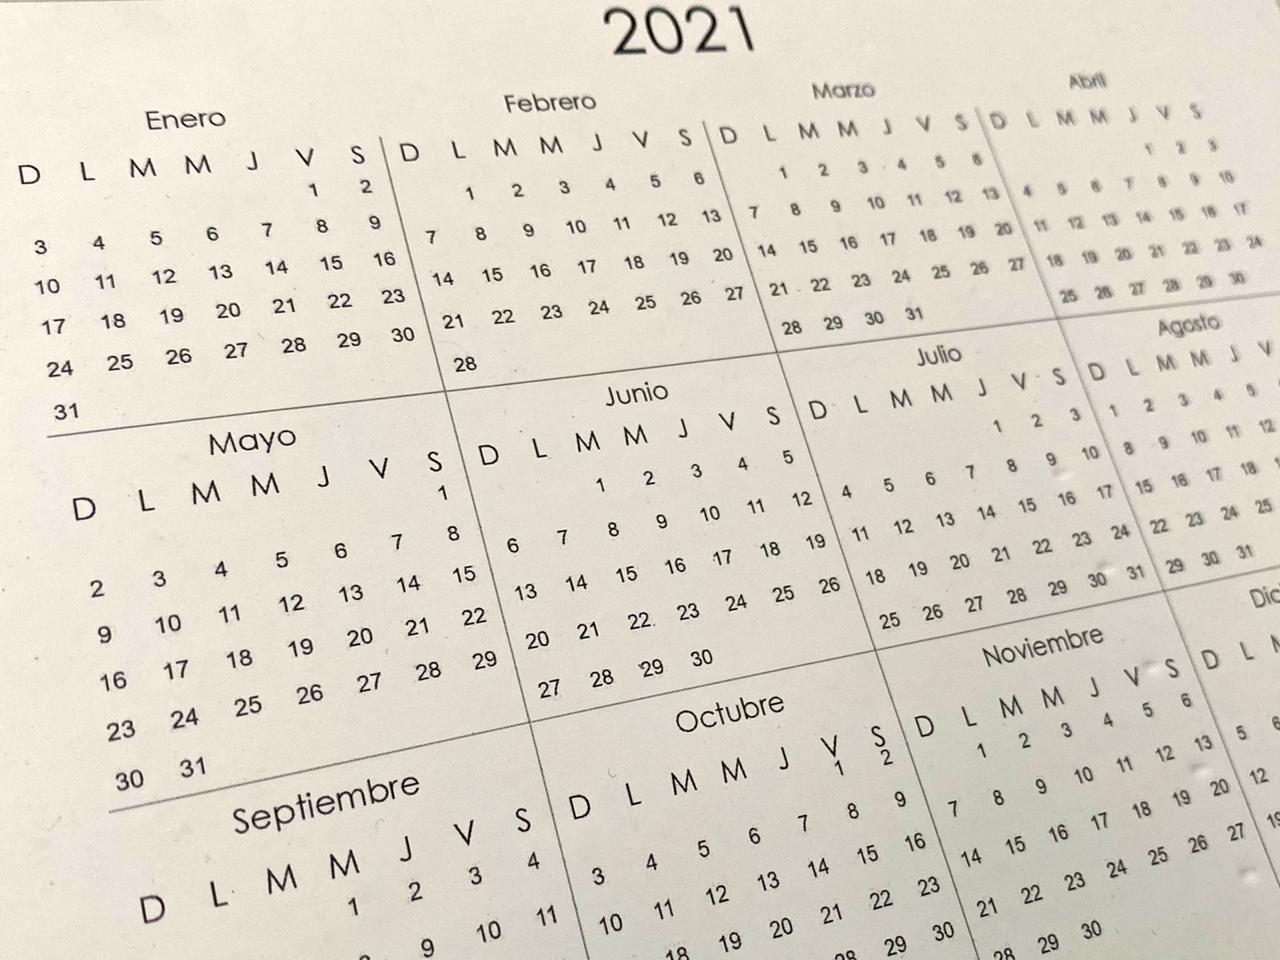 Conozca los días festivos en Colombia para 2021